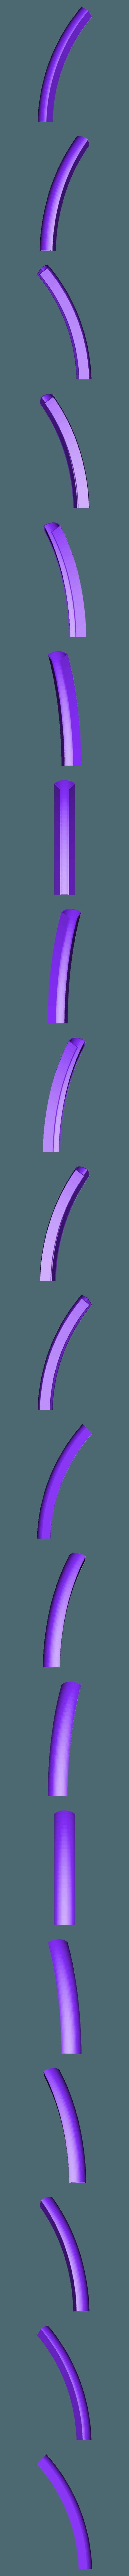 Aro 1 (7).stl Télécharger fichier STL gratuit Lampe - Circulaire LED - Circulaire • Design pour impression 3D, JDF89